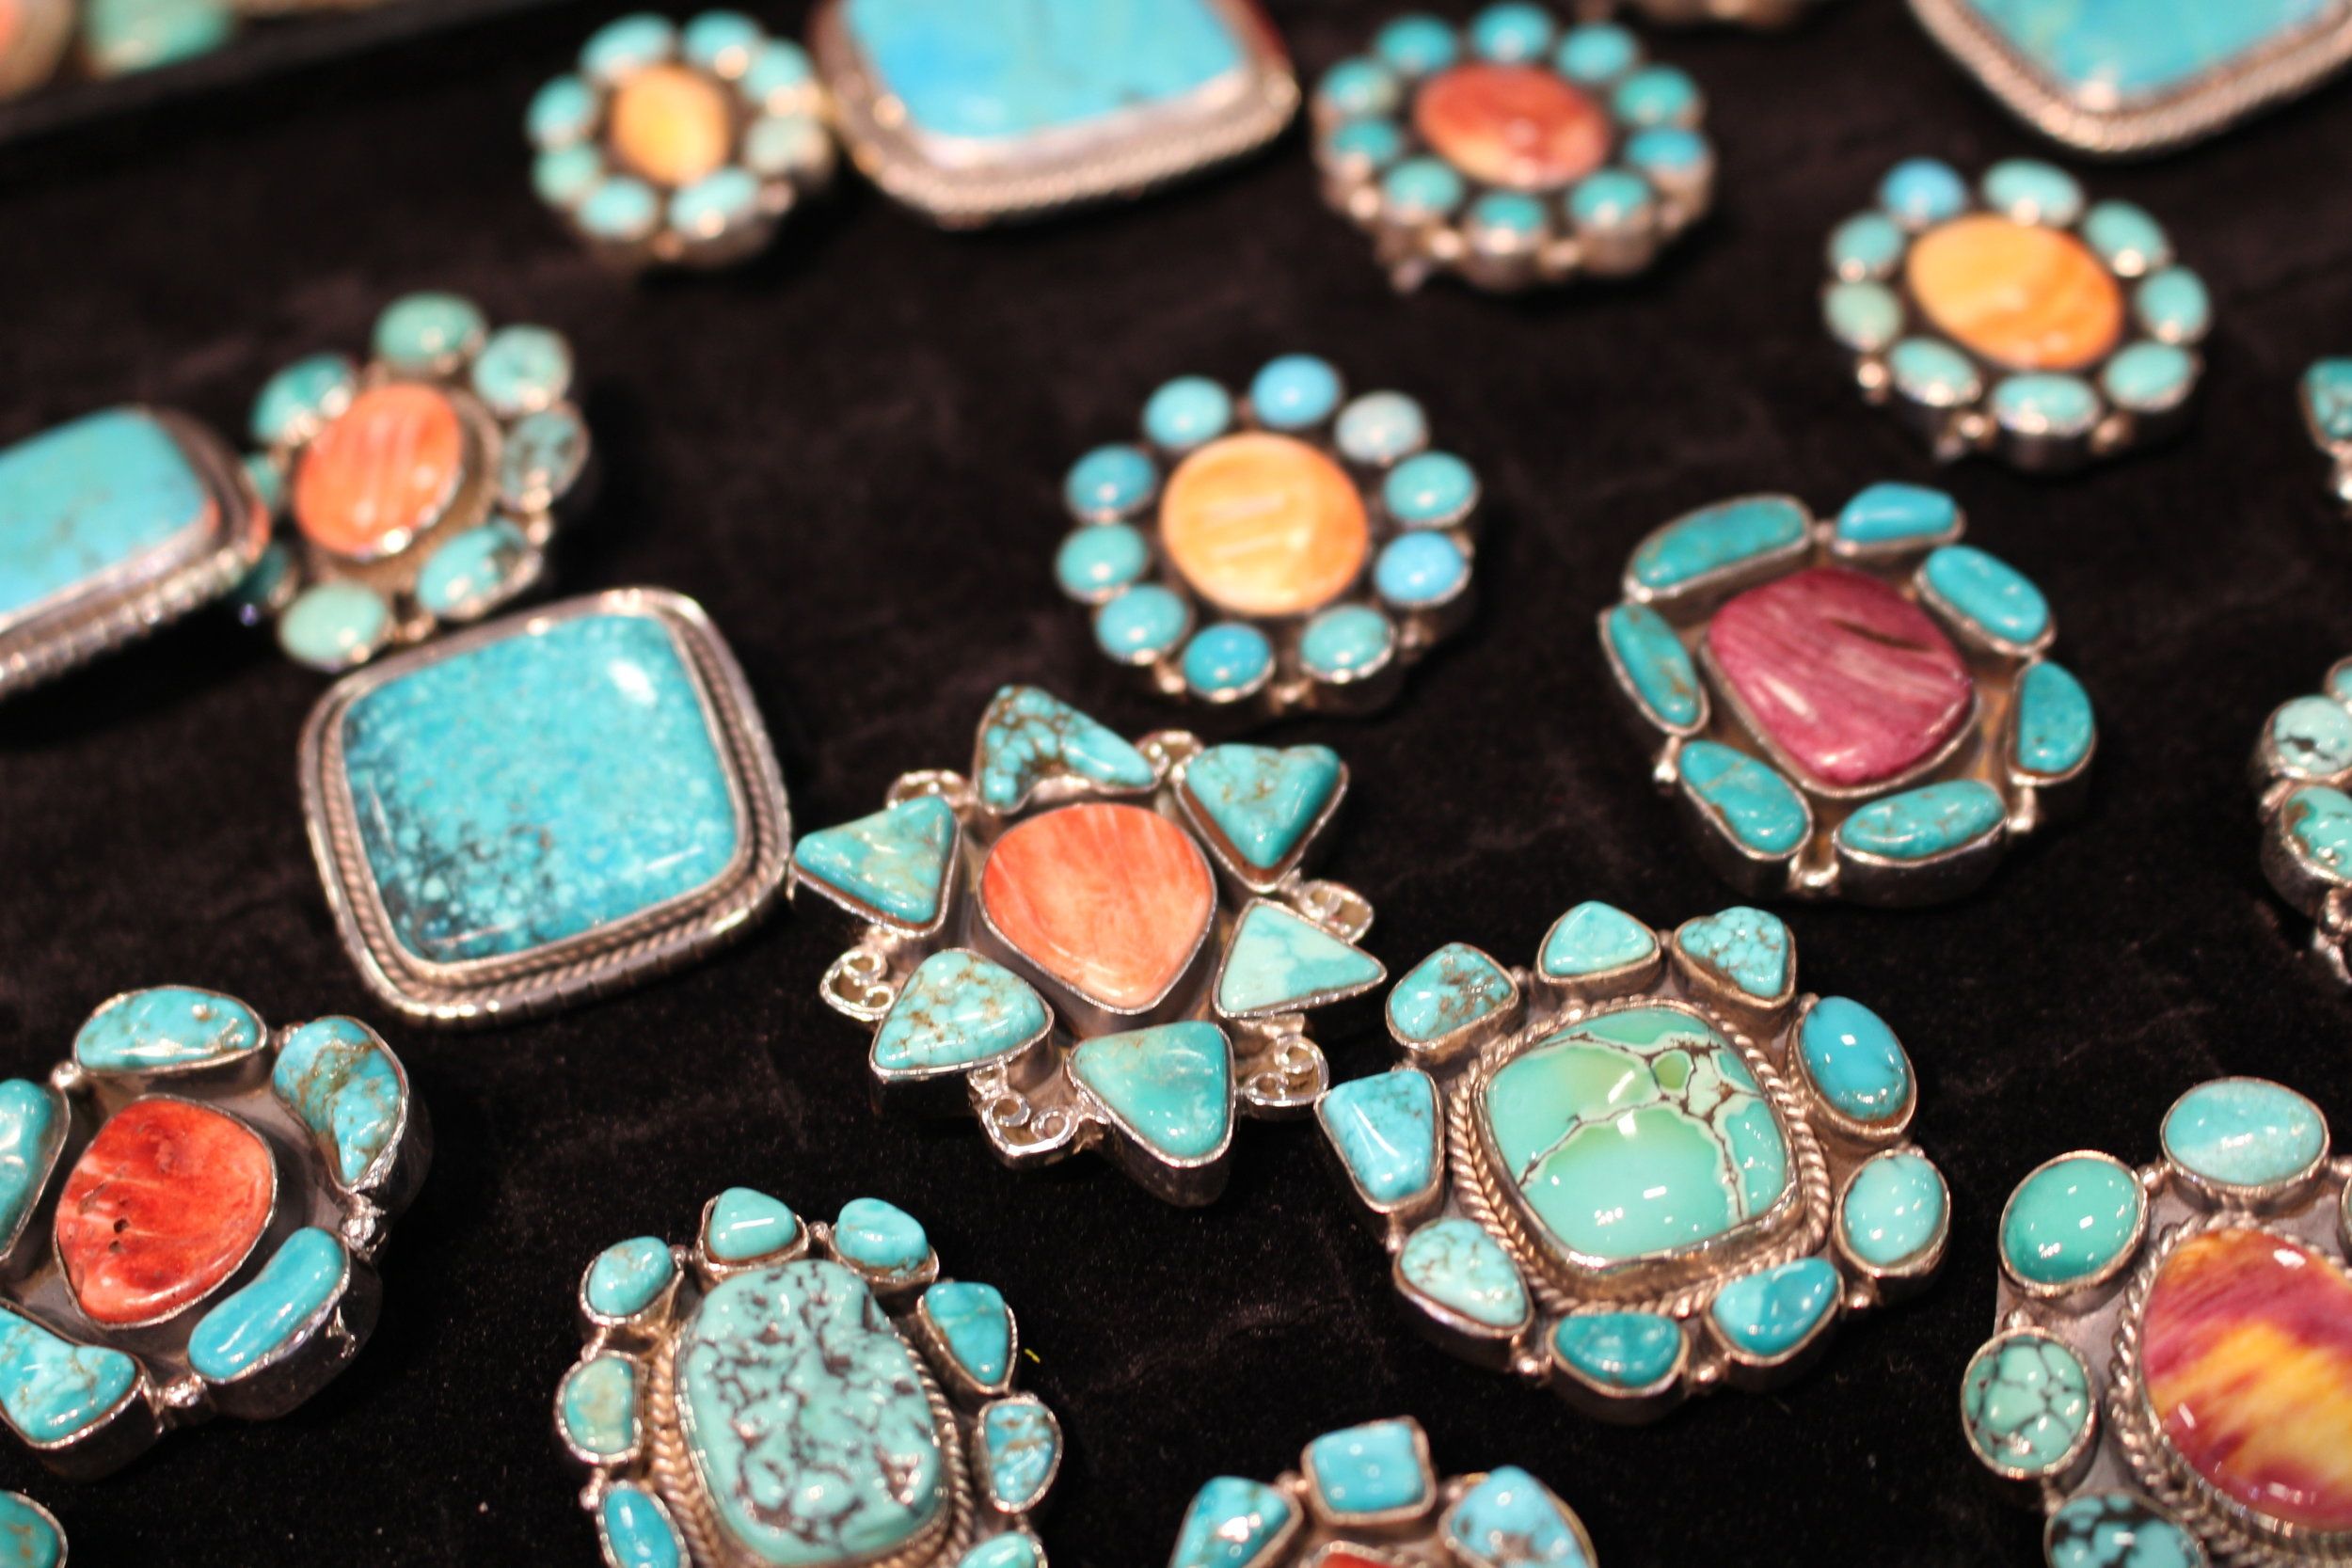 InterGem Jewelry Show